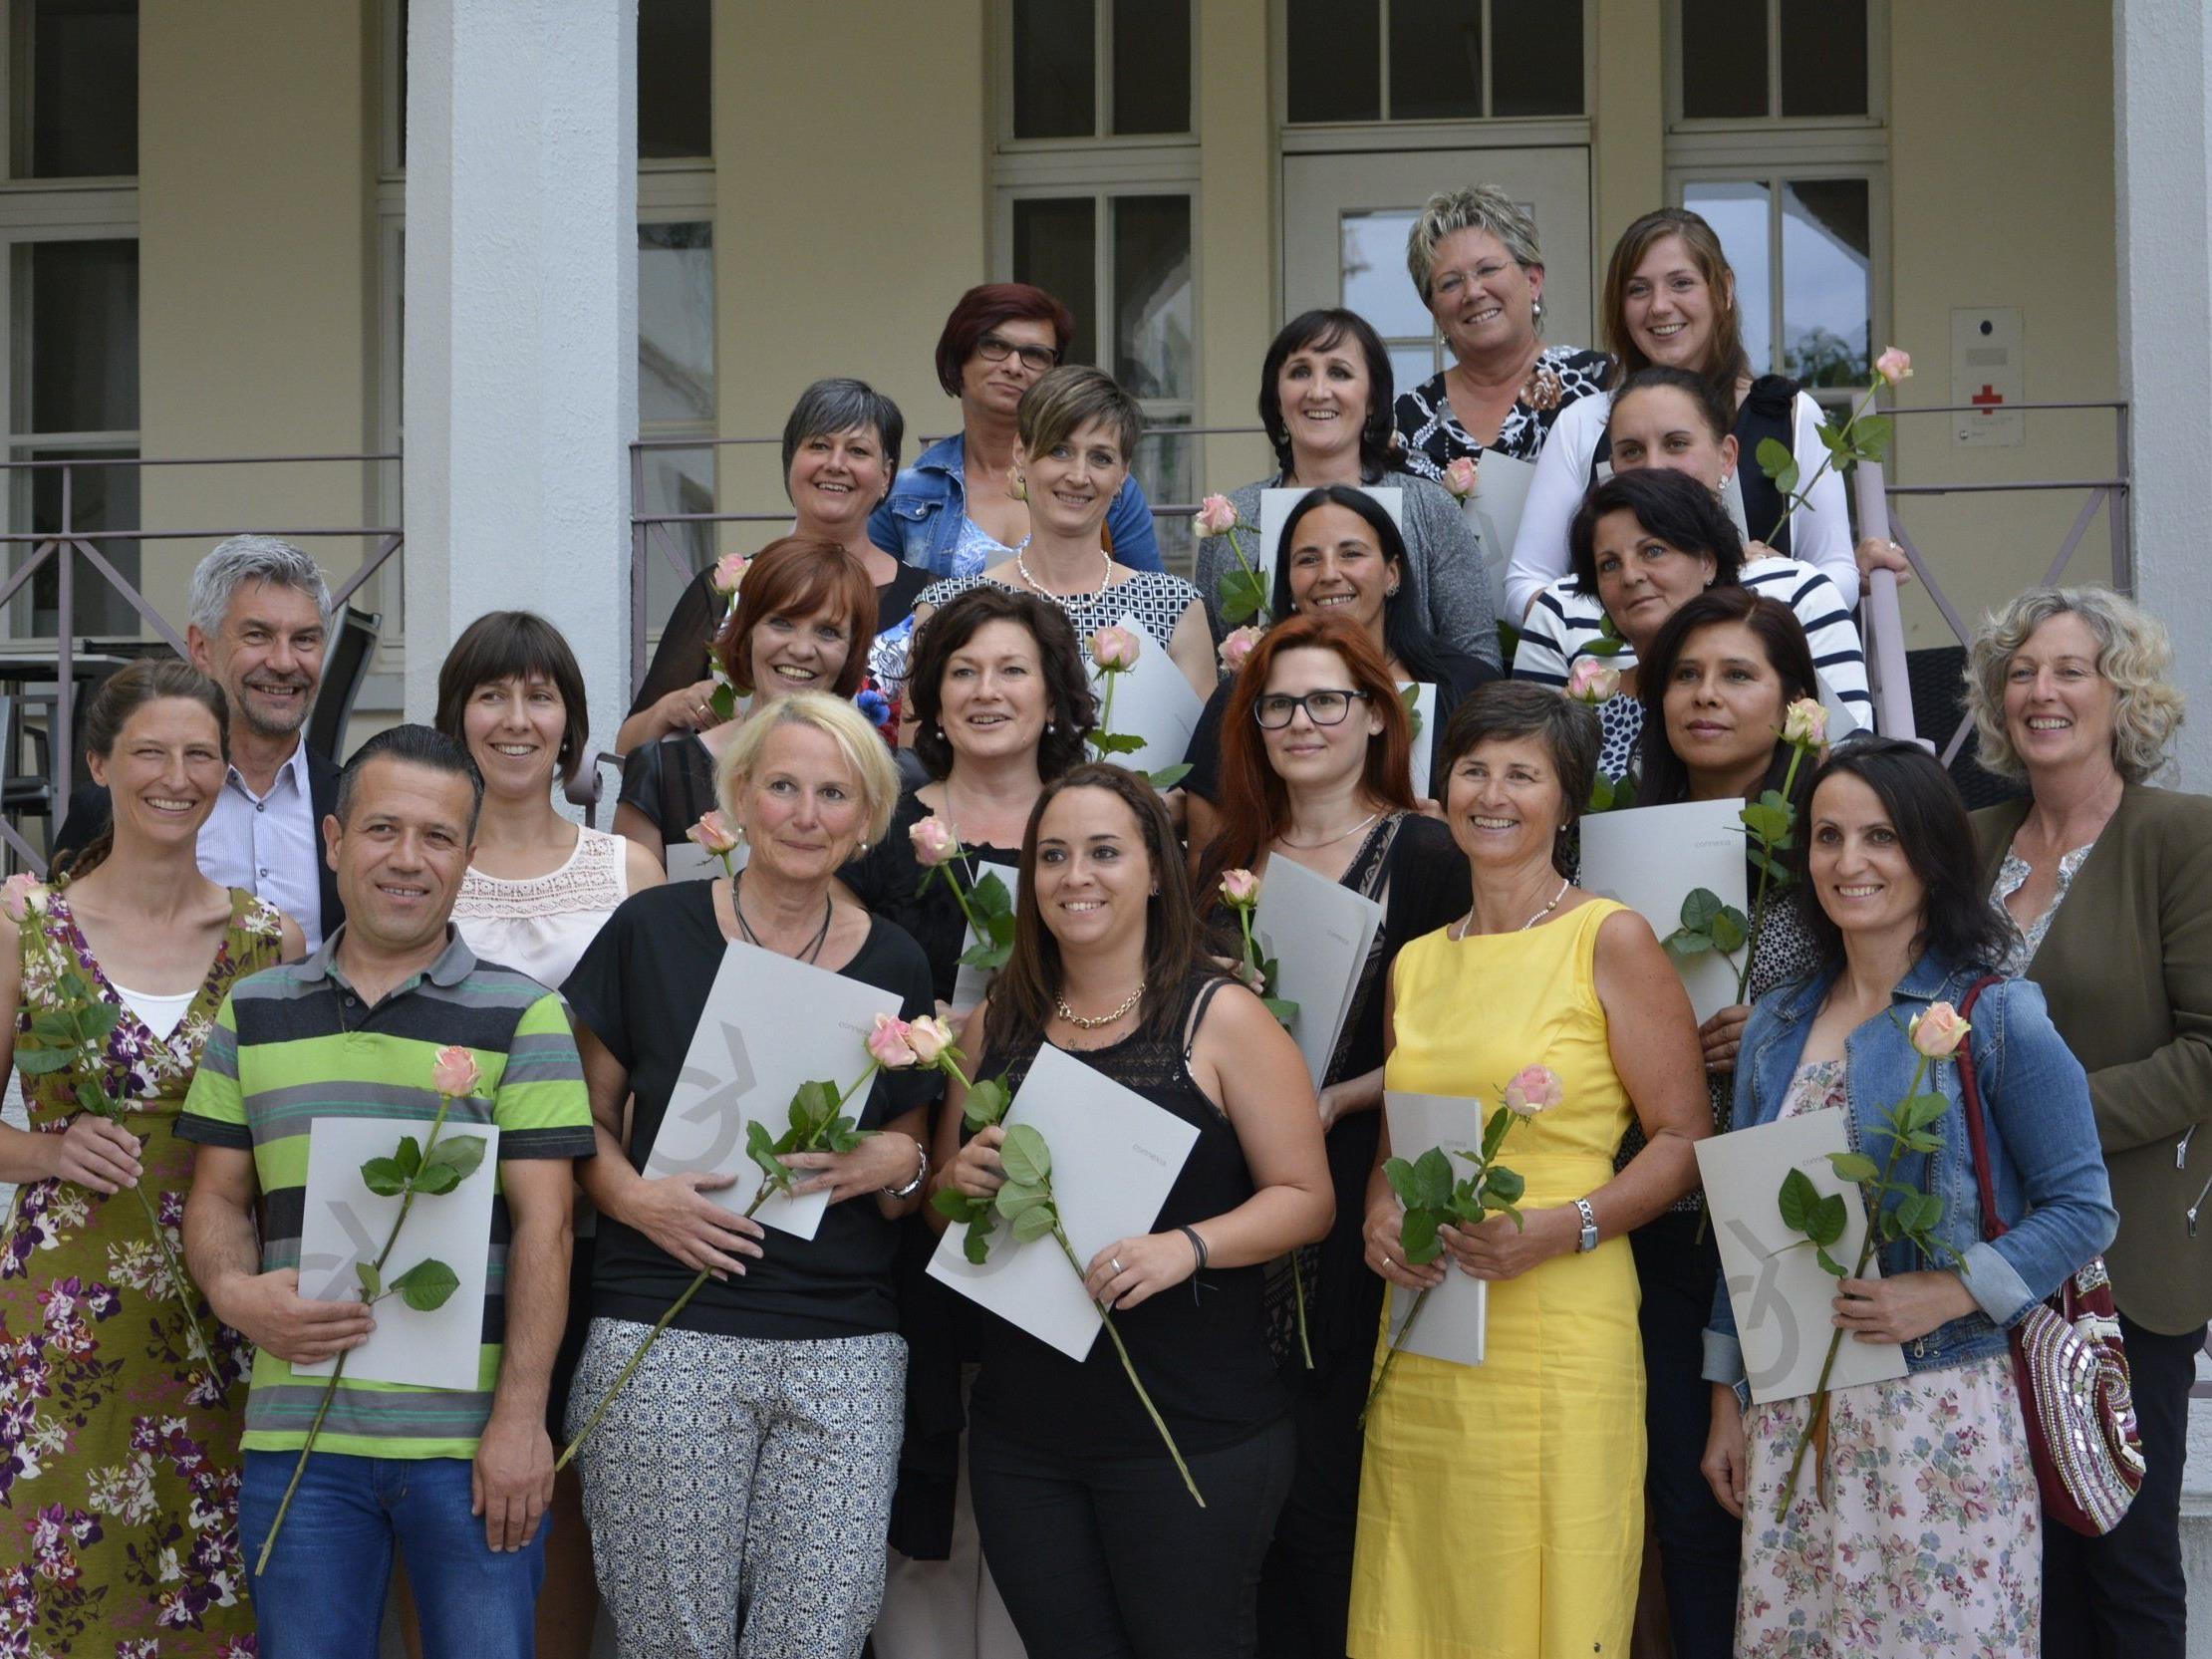 Gruppenfoto der Absolvent(inn)en mit LR Katharina Wiesflecker, Wilfried Feurstein (Lehrgangsleiter) und Katja Lutze (connexia)